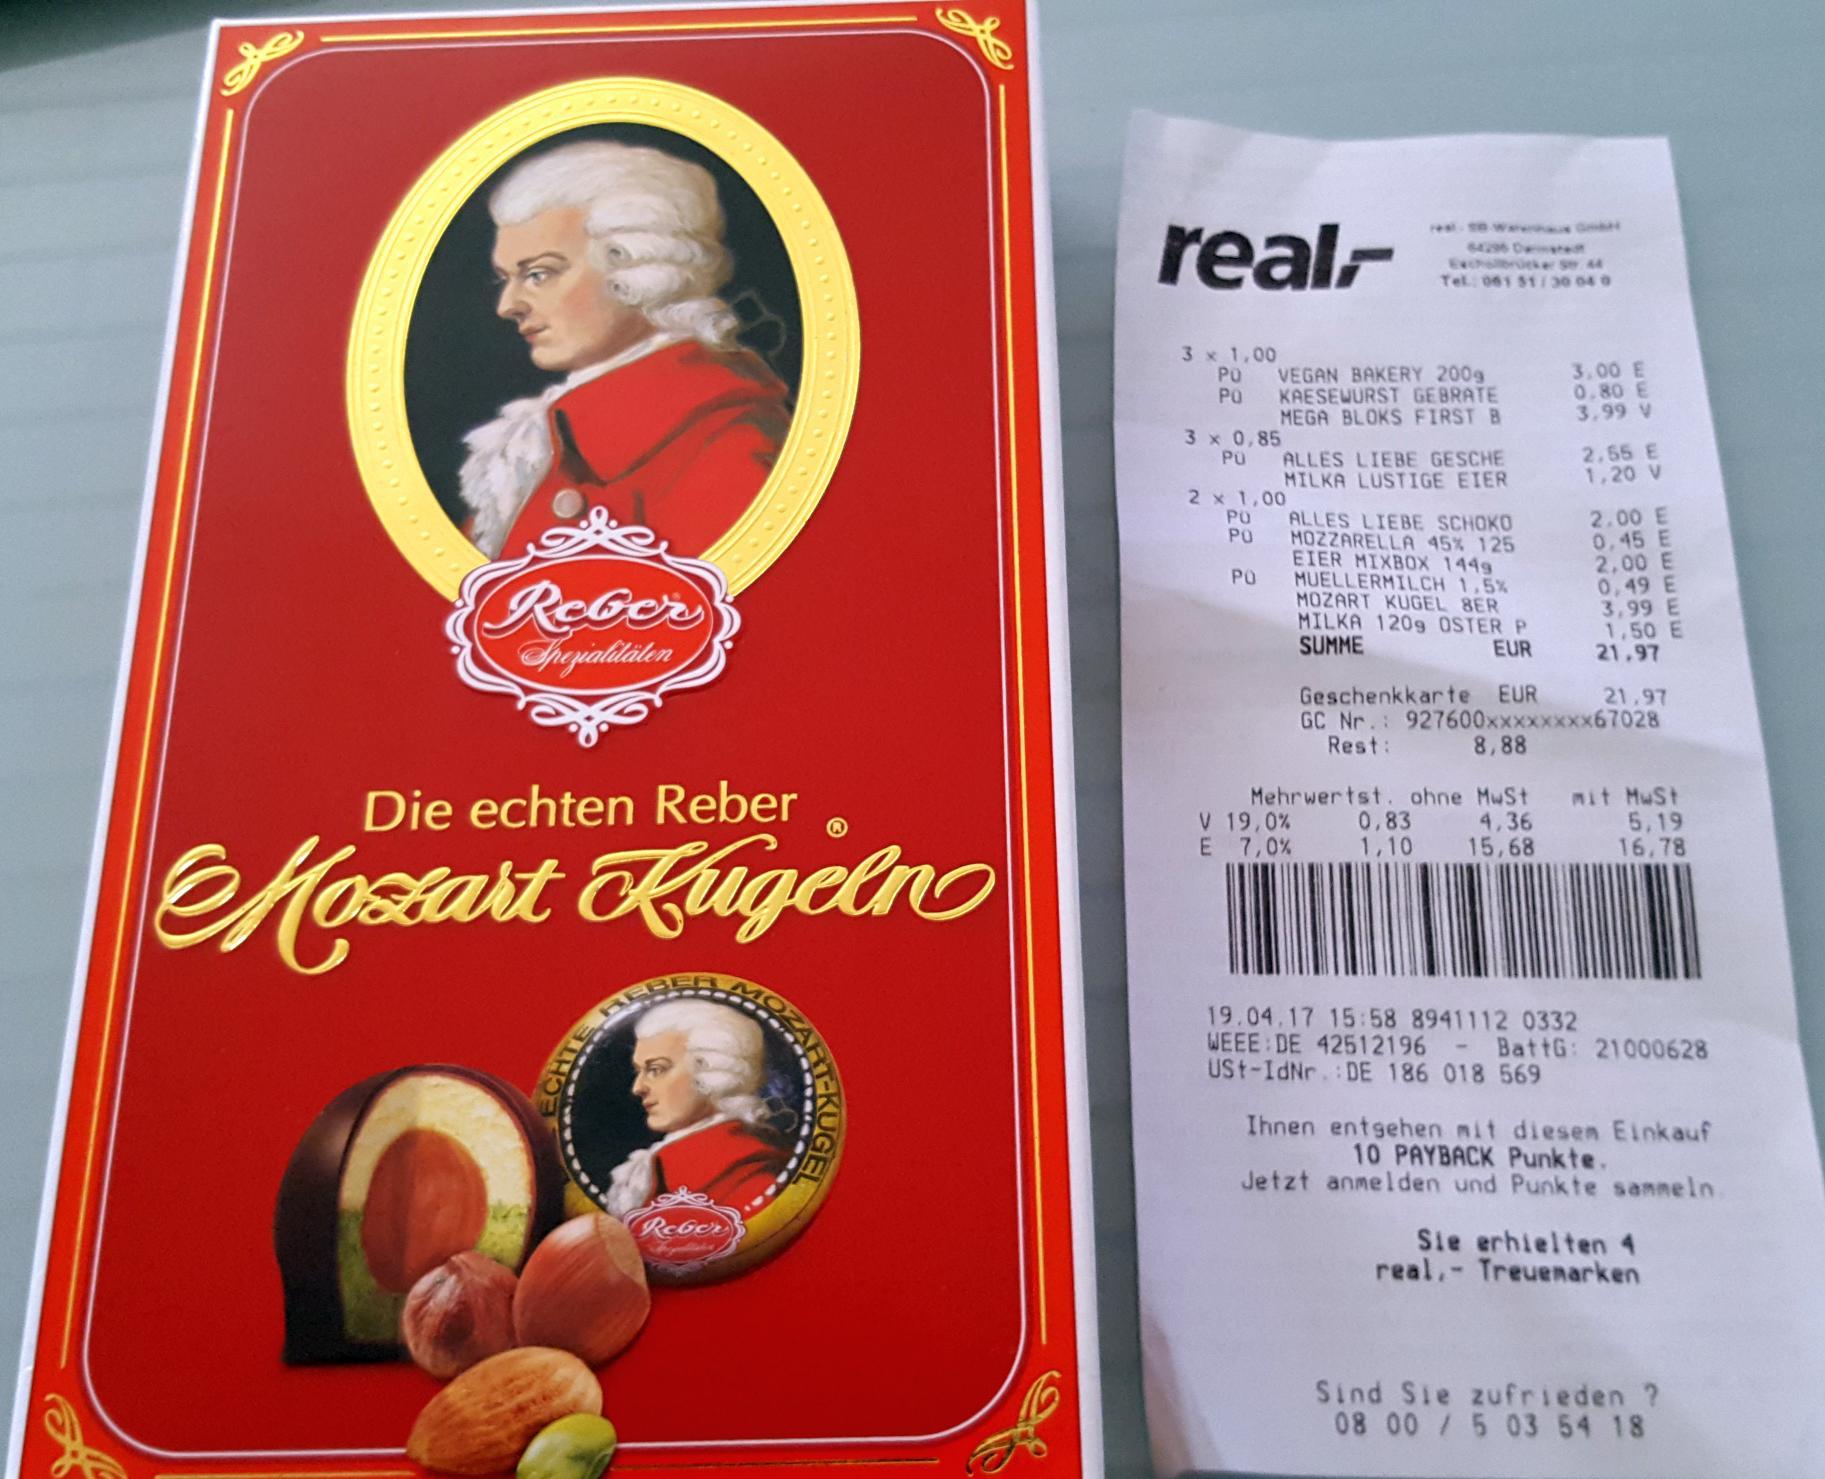 [REAL DARMSTADT] Reber Mozartkugeln 160g für nur 3,99€ [Preisfehler?]